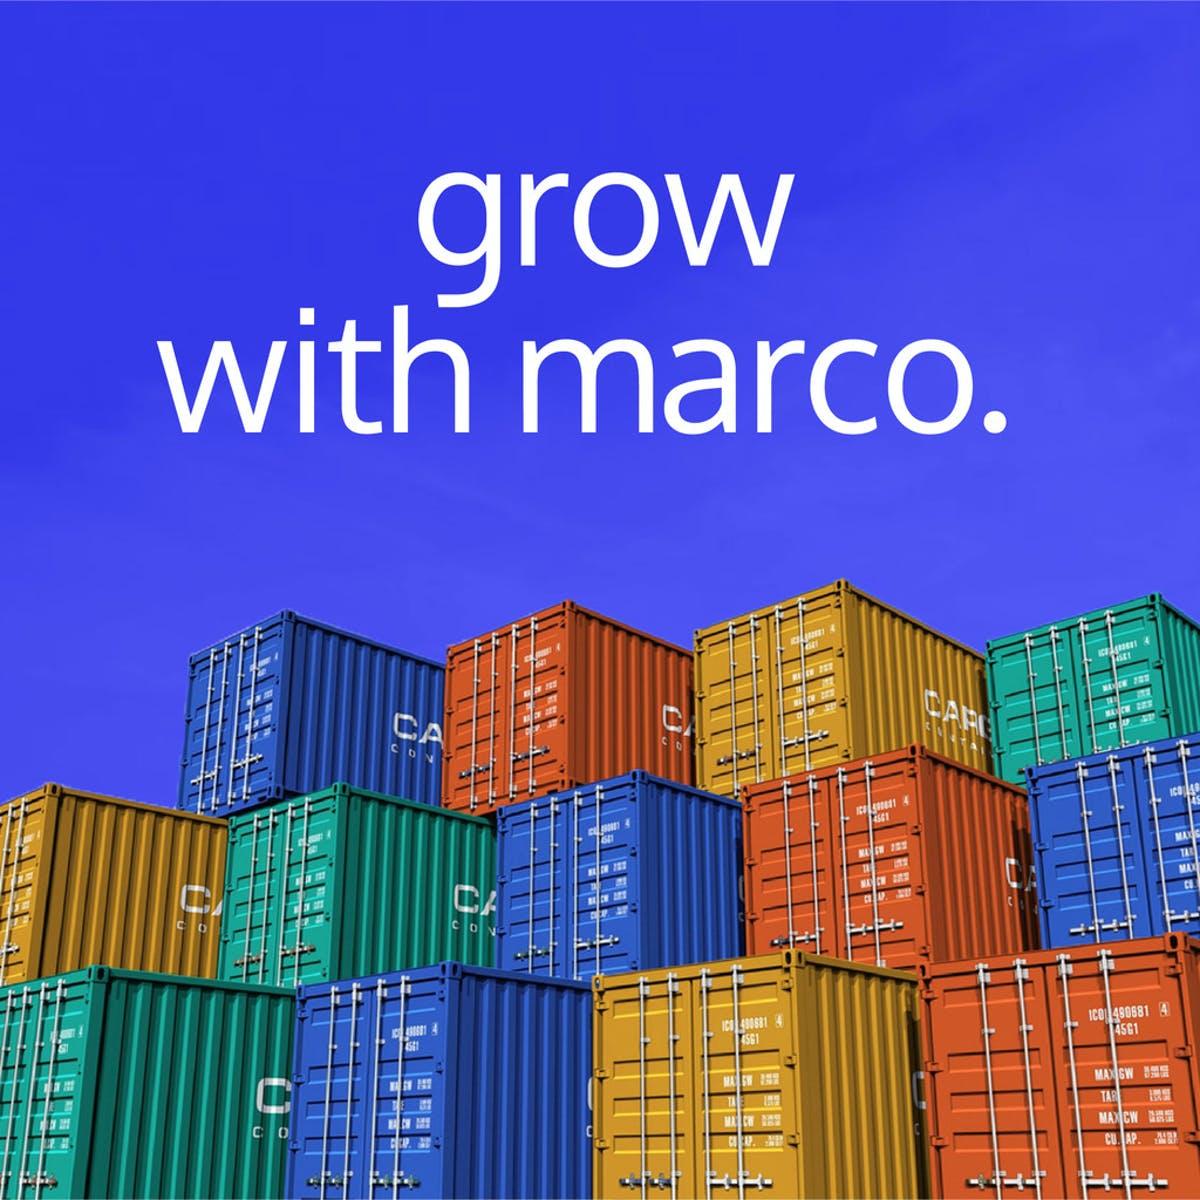 En su primera ronda de inversión, Marco obtuvo un total de u$s 26 millones y la próxima se llevará a cabo a fin de este año